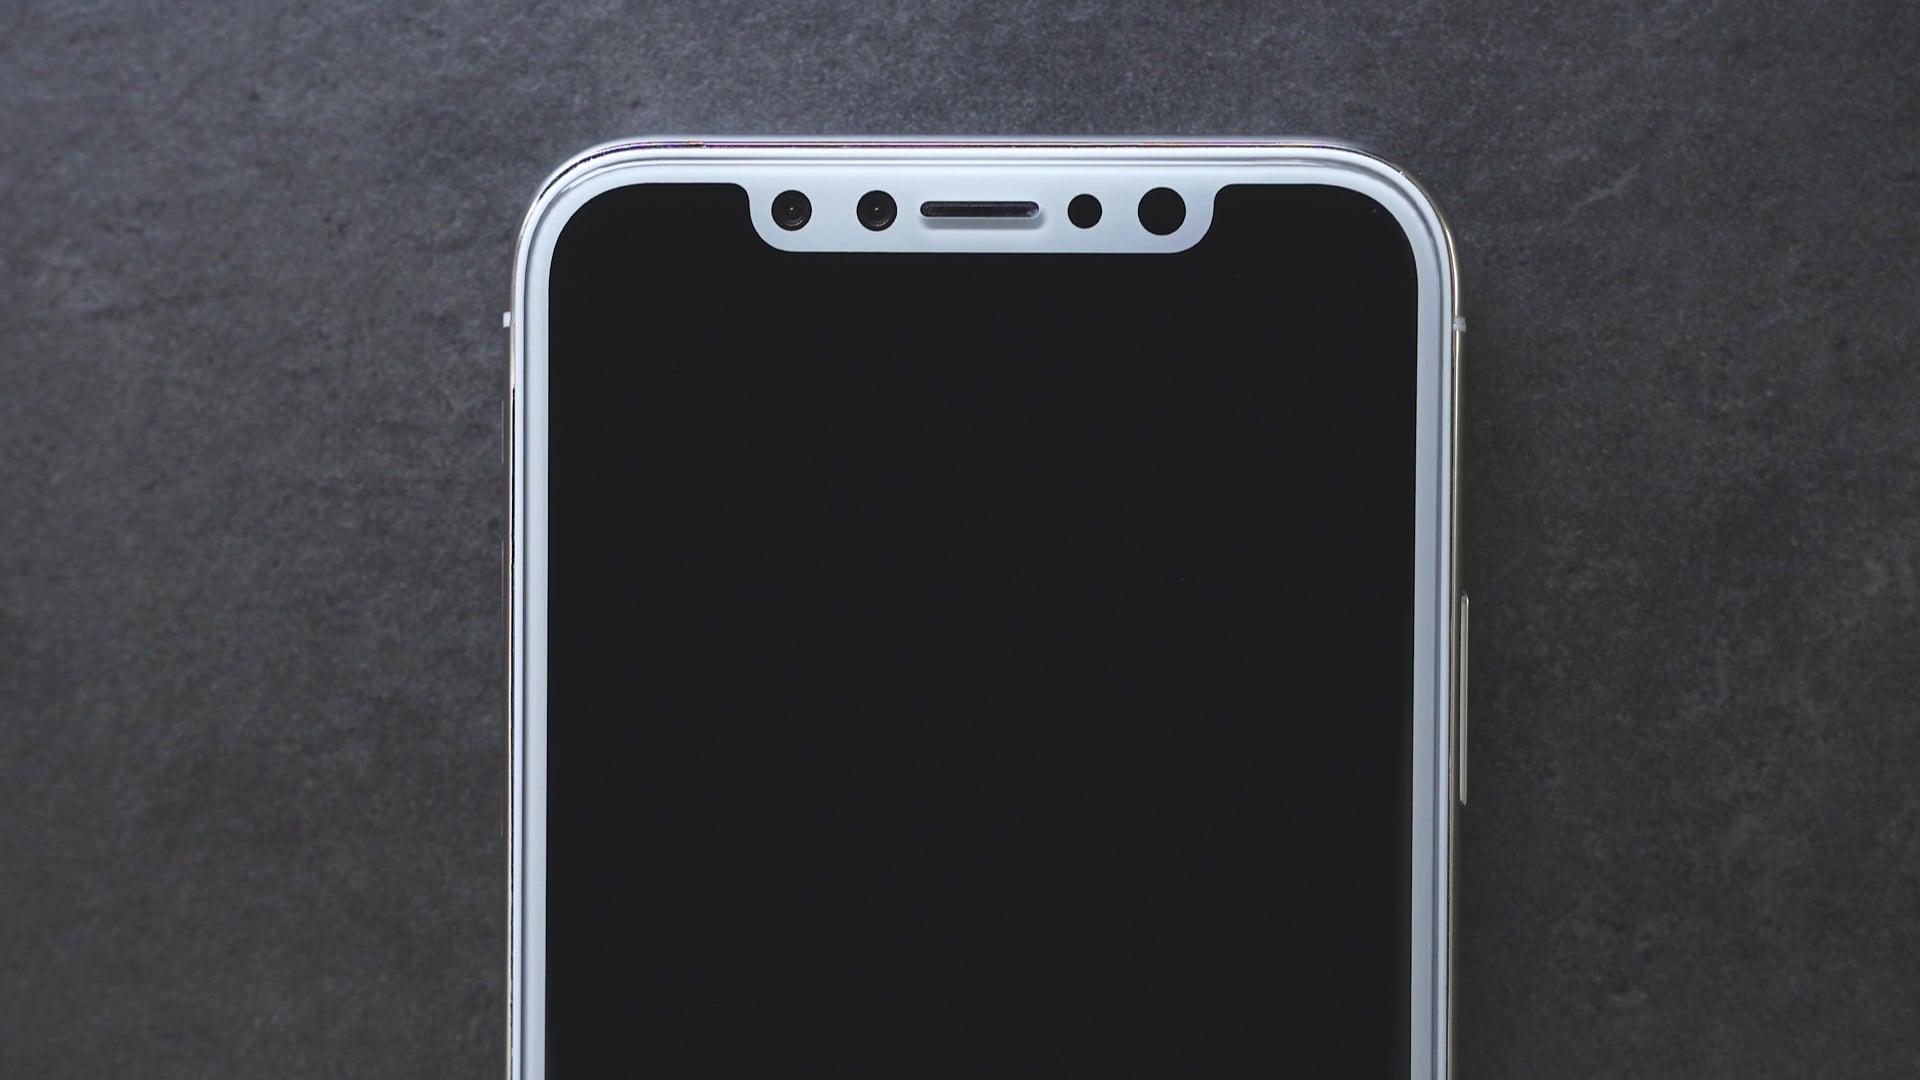 IPhone8 dammy whitemodel 04